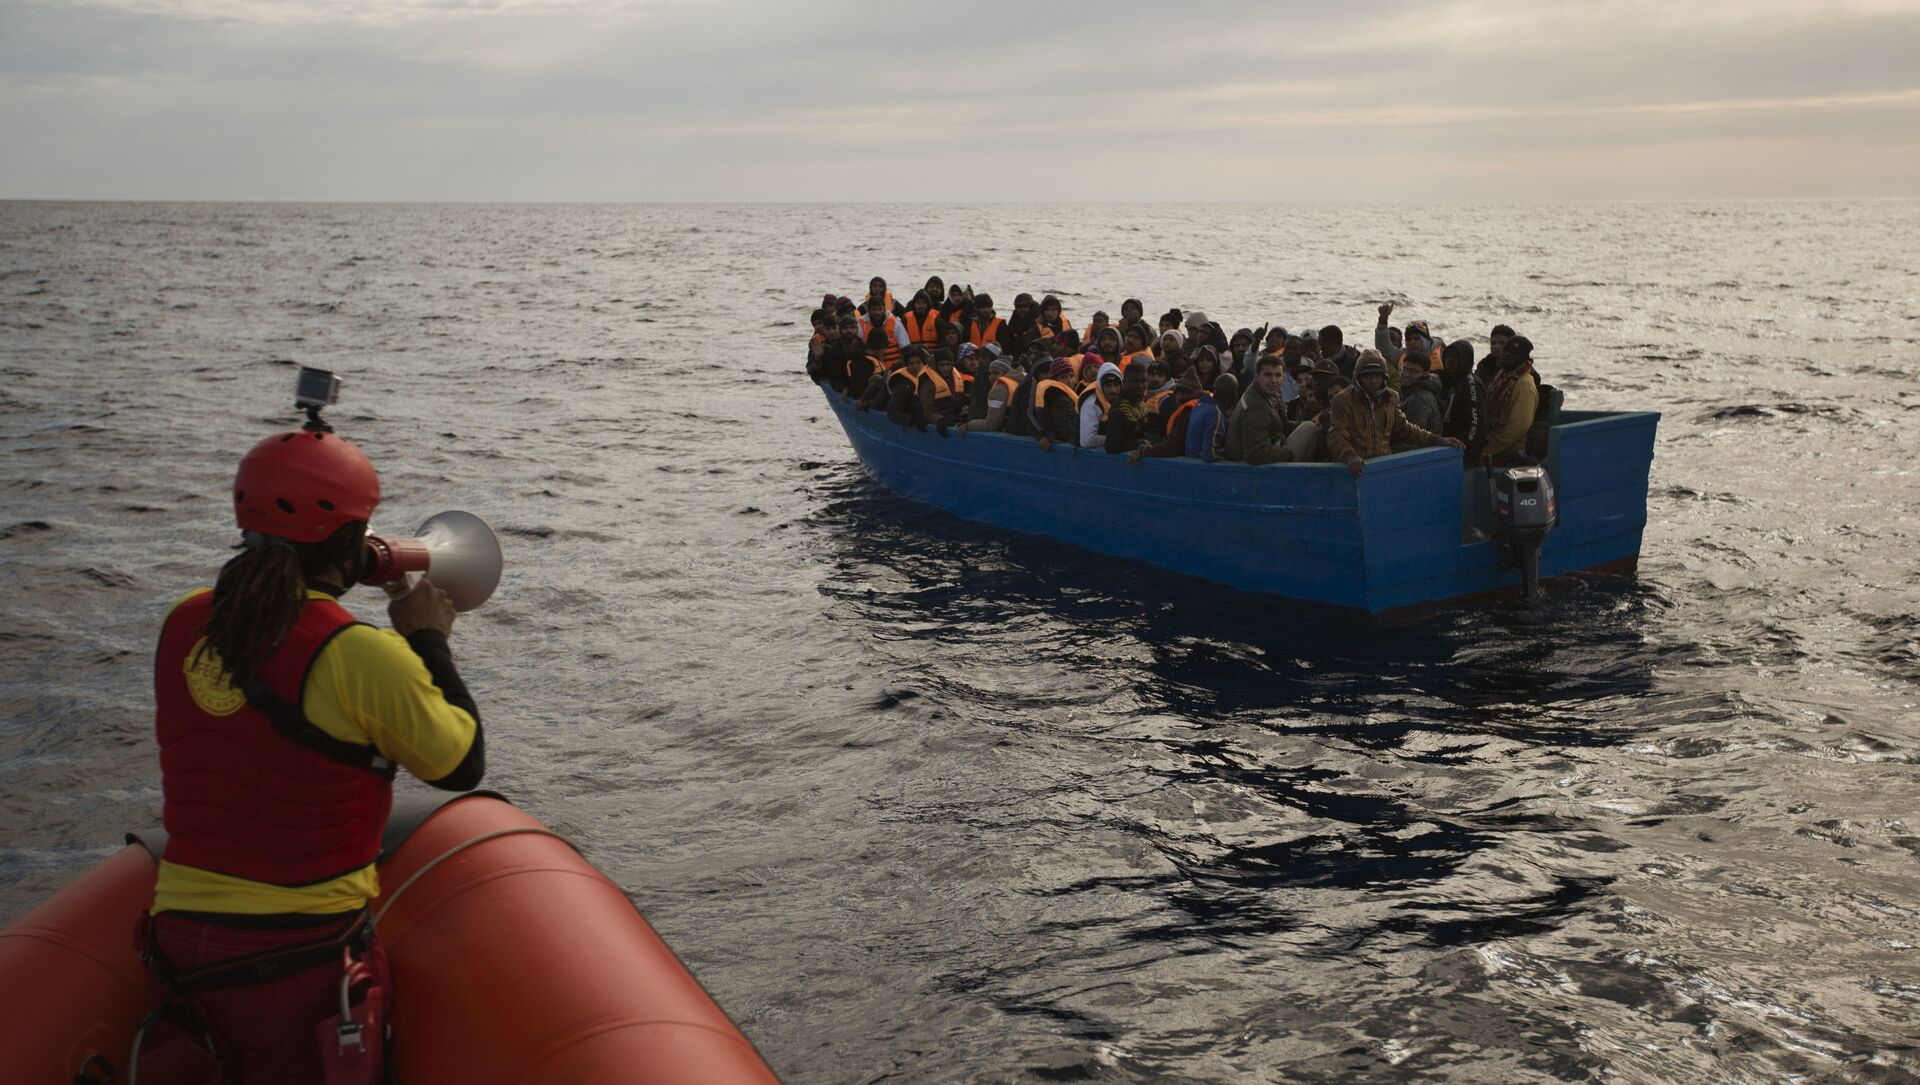 Migranti e rifugiati aiutati dai membri dell'ONG spagnola Proactiva Oper Arms nel mar Mediterraneo nei pressi di Libia (foto d'archivio) - Sputnik Italia, 1920, 23.04.2021